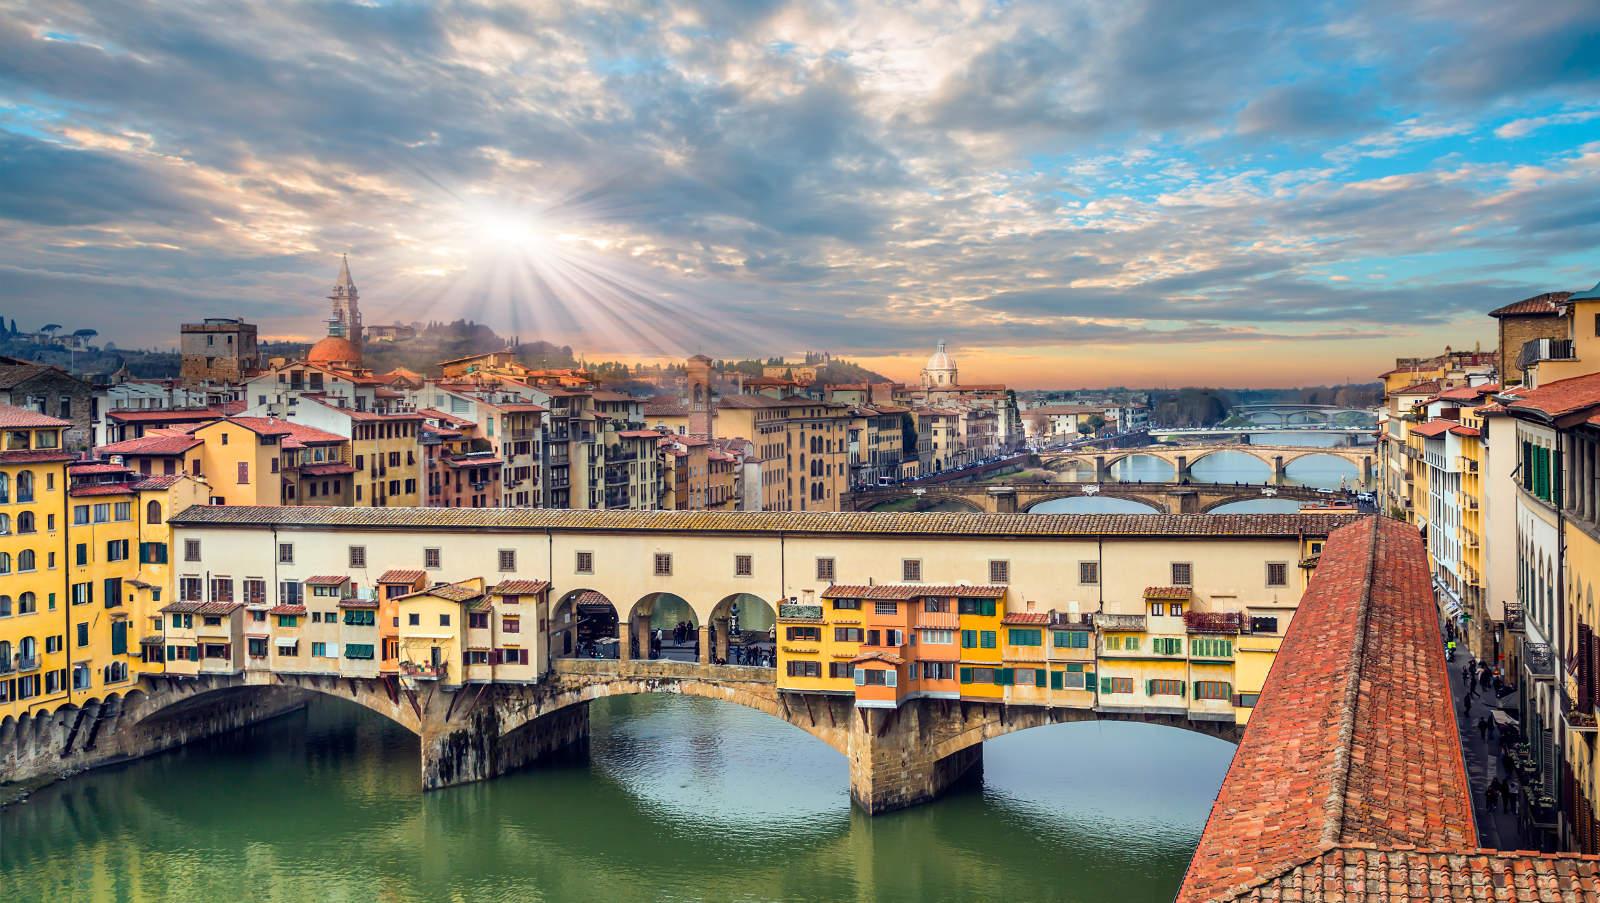 Valutazione Immobili Firenze